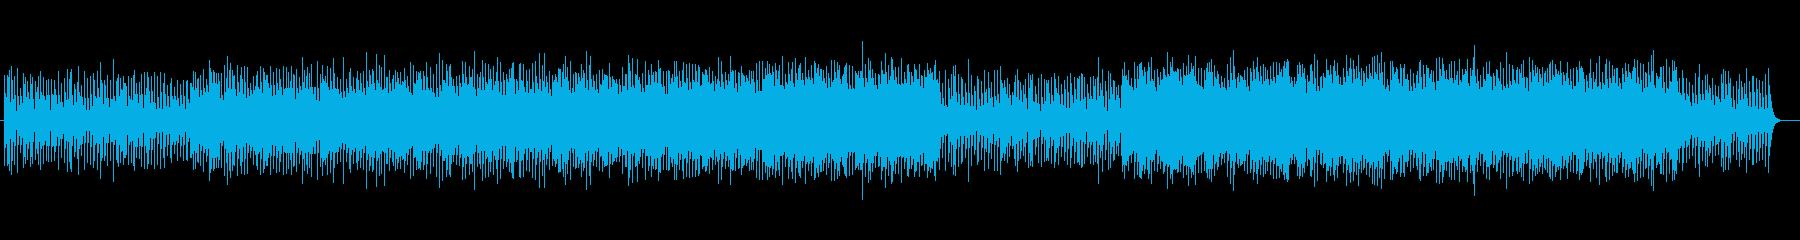 明るくキラキラしたシンセサイザーの曲の再生済みの波形